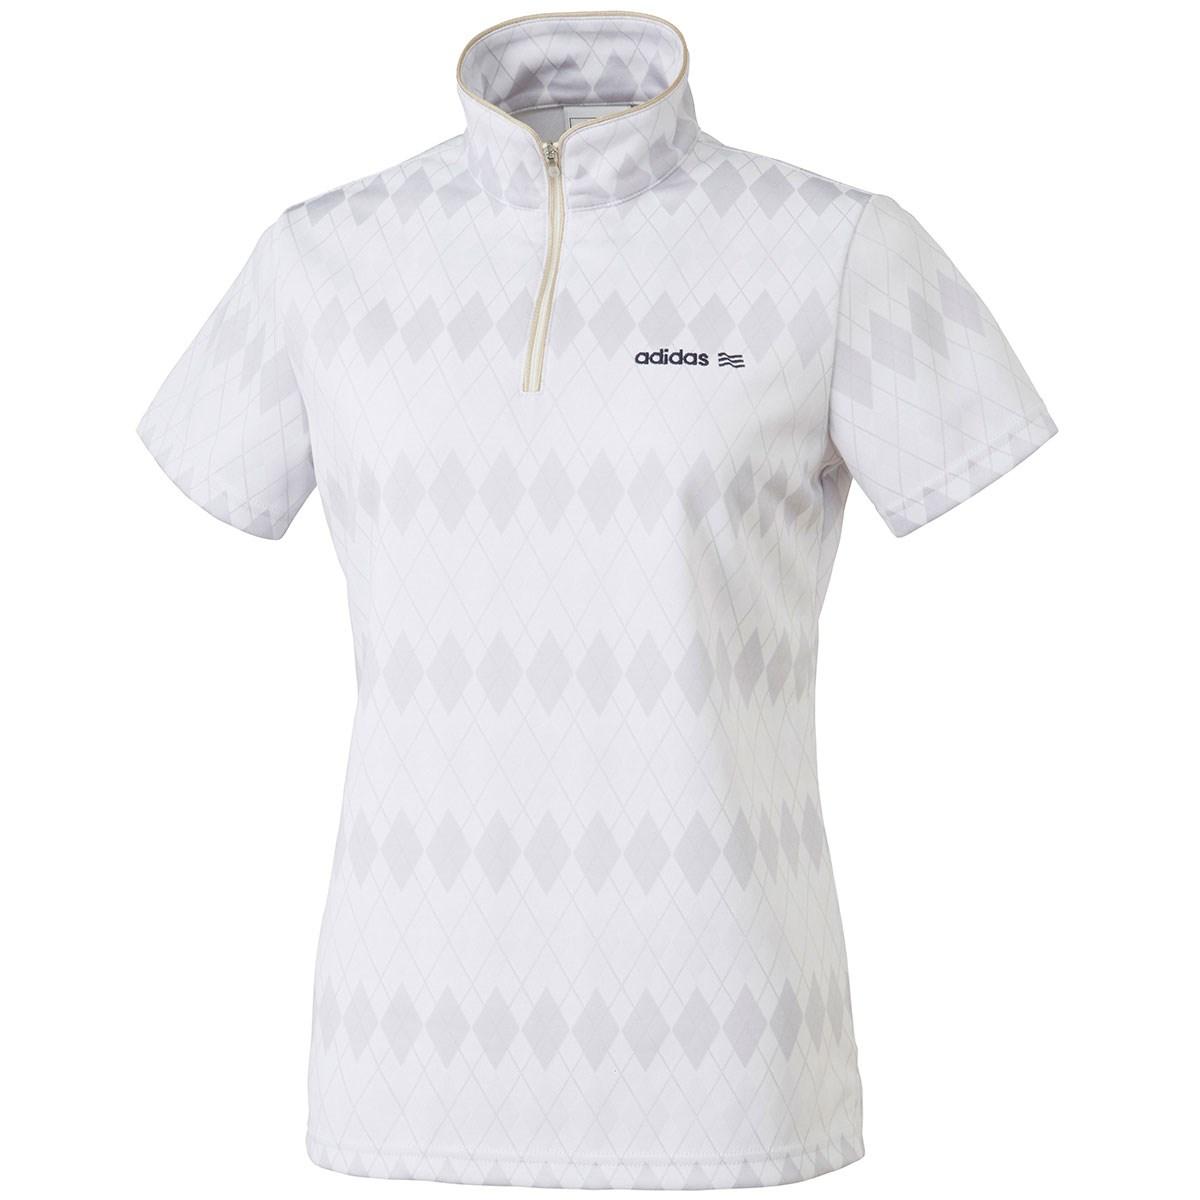 アディダス Adidas アーガイルジャカード ジップモック半袖シャツ S ホワイト N67840 レディス